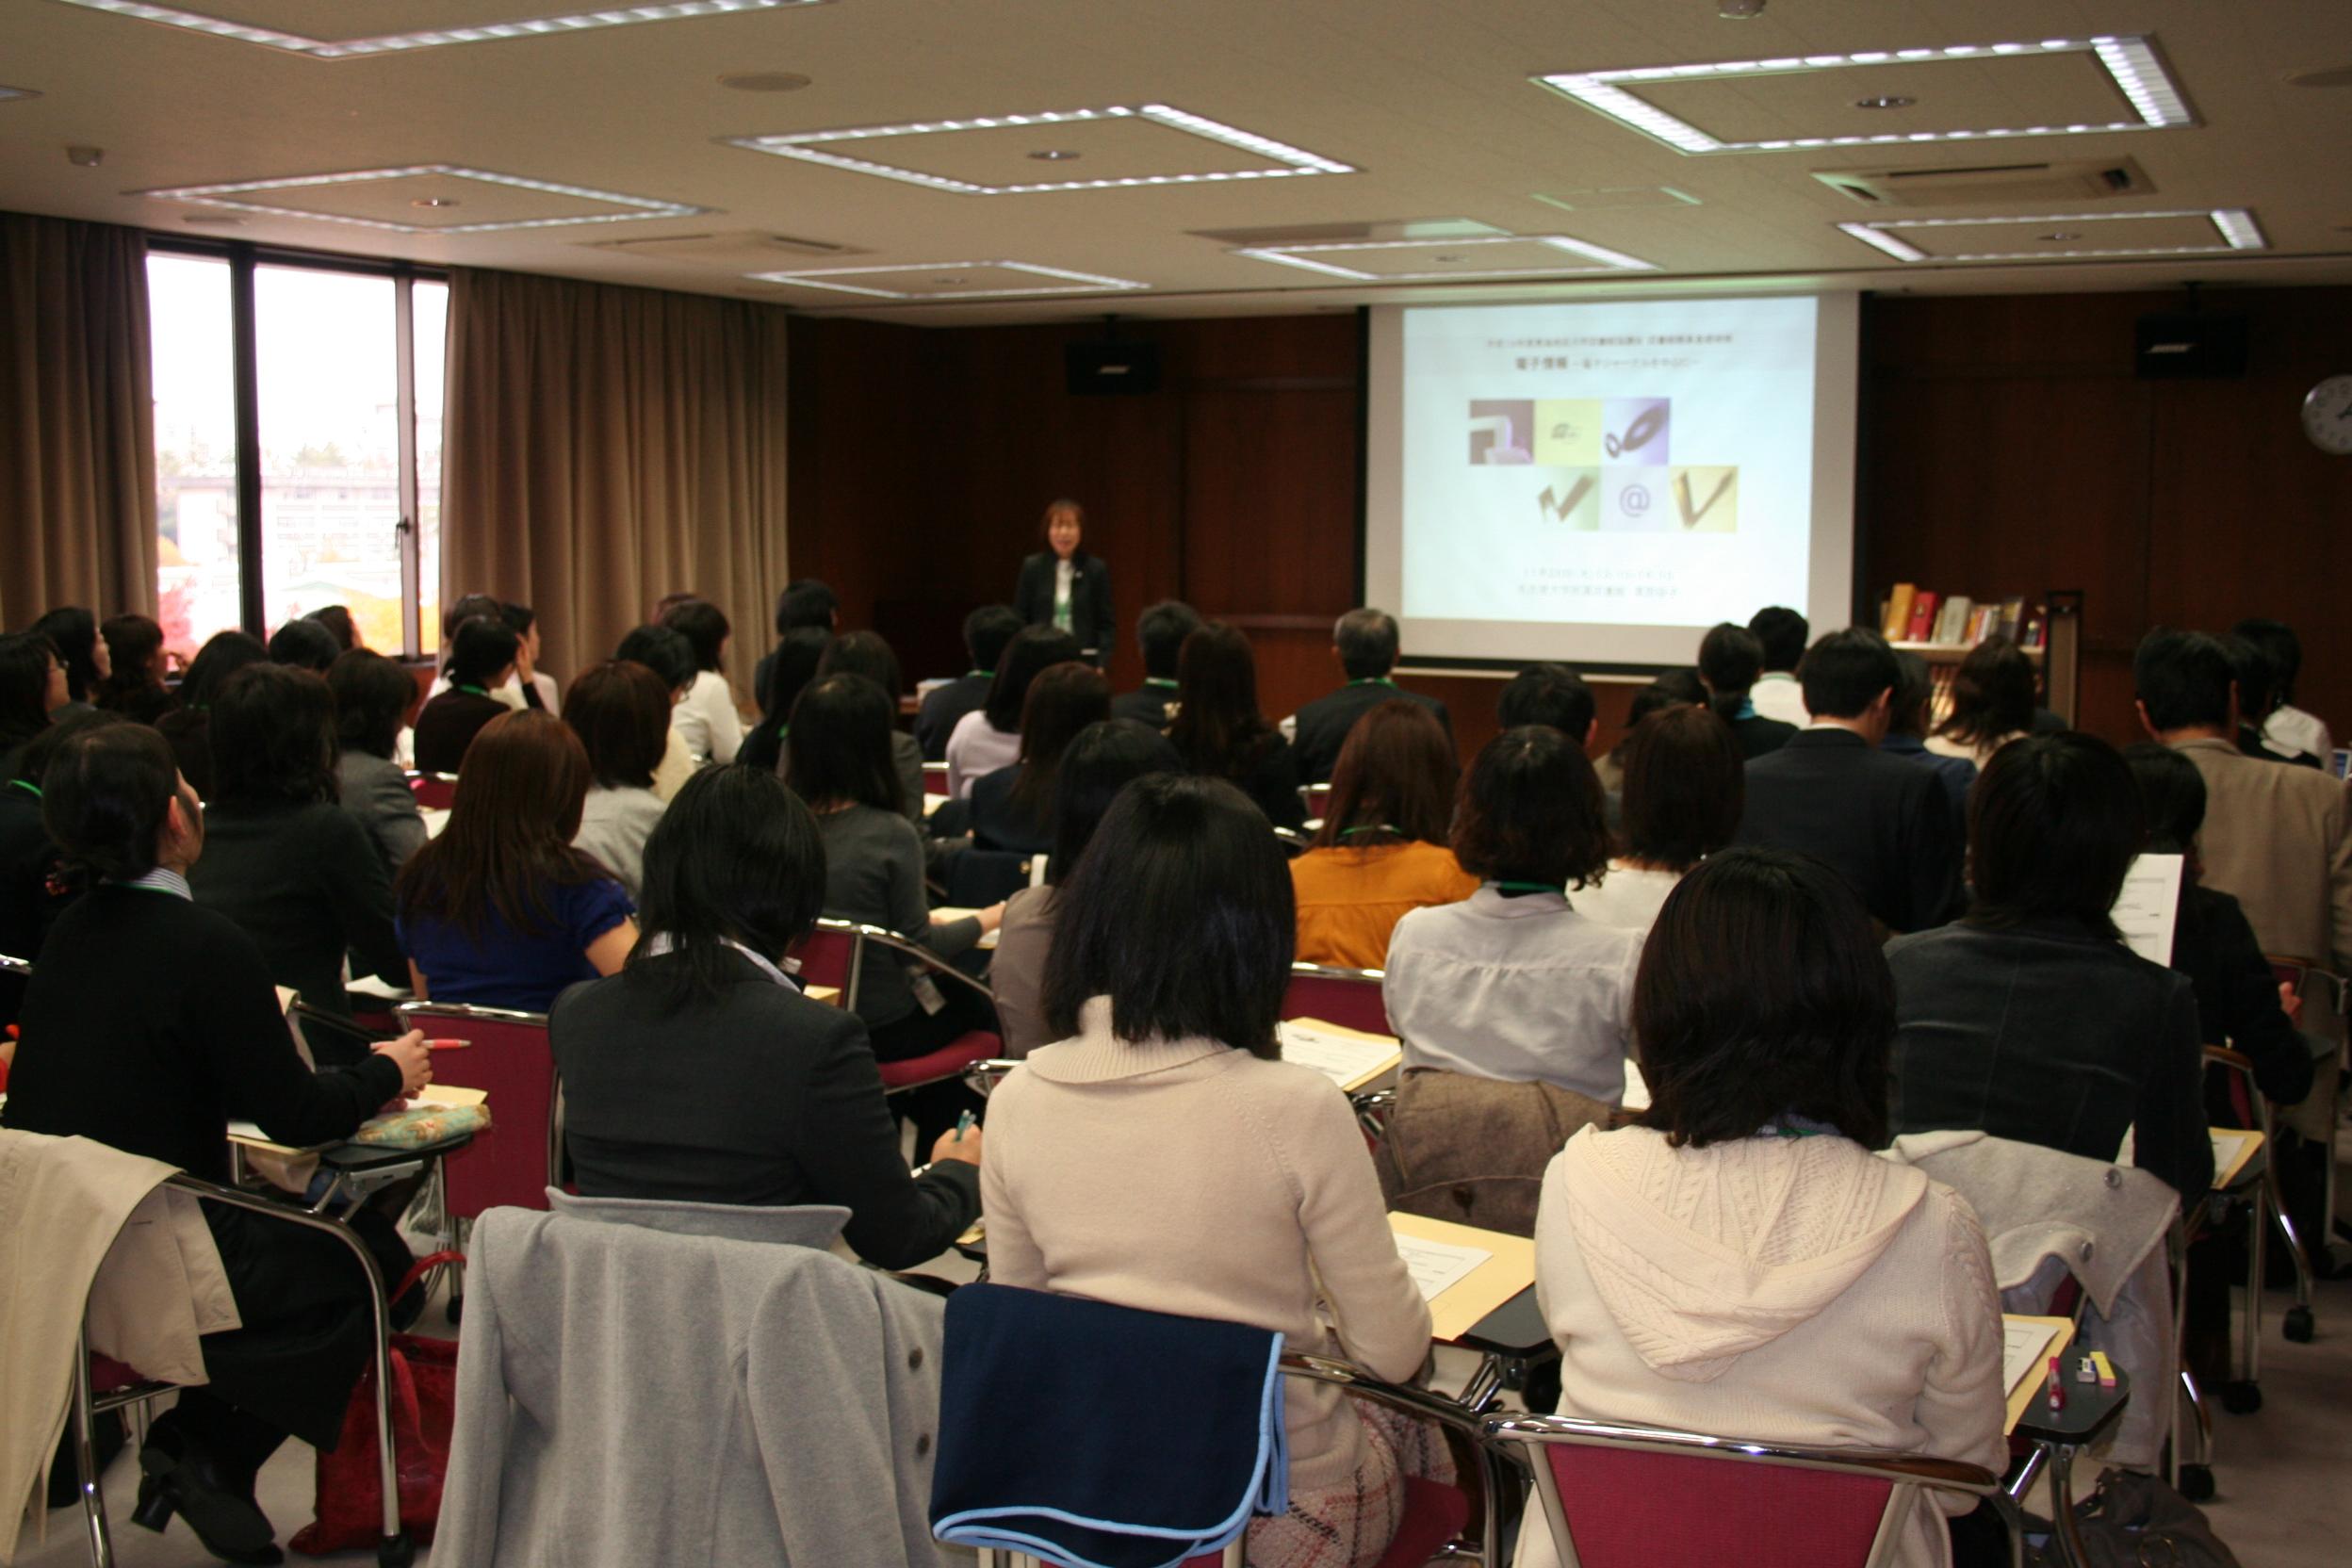 資料 南山 大学 講義